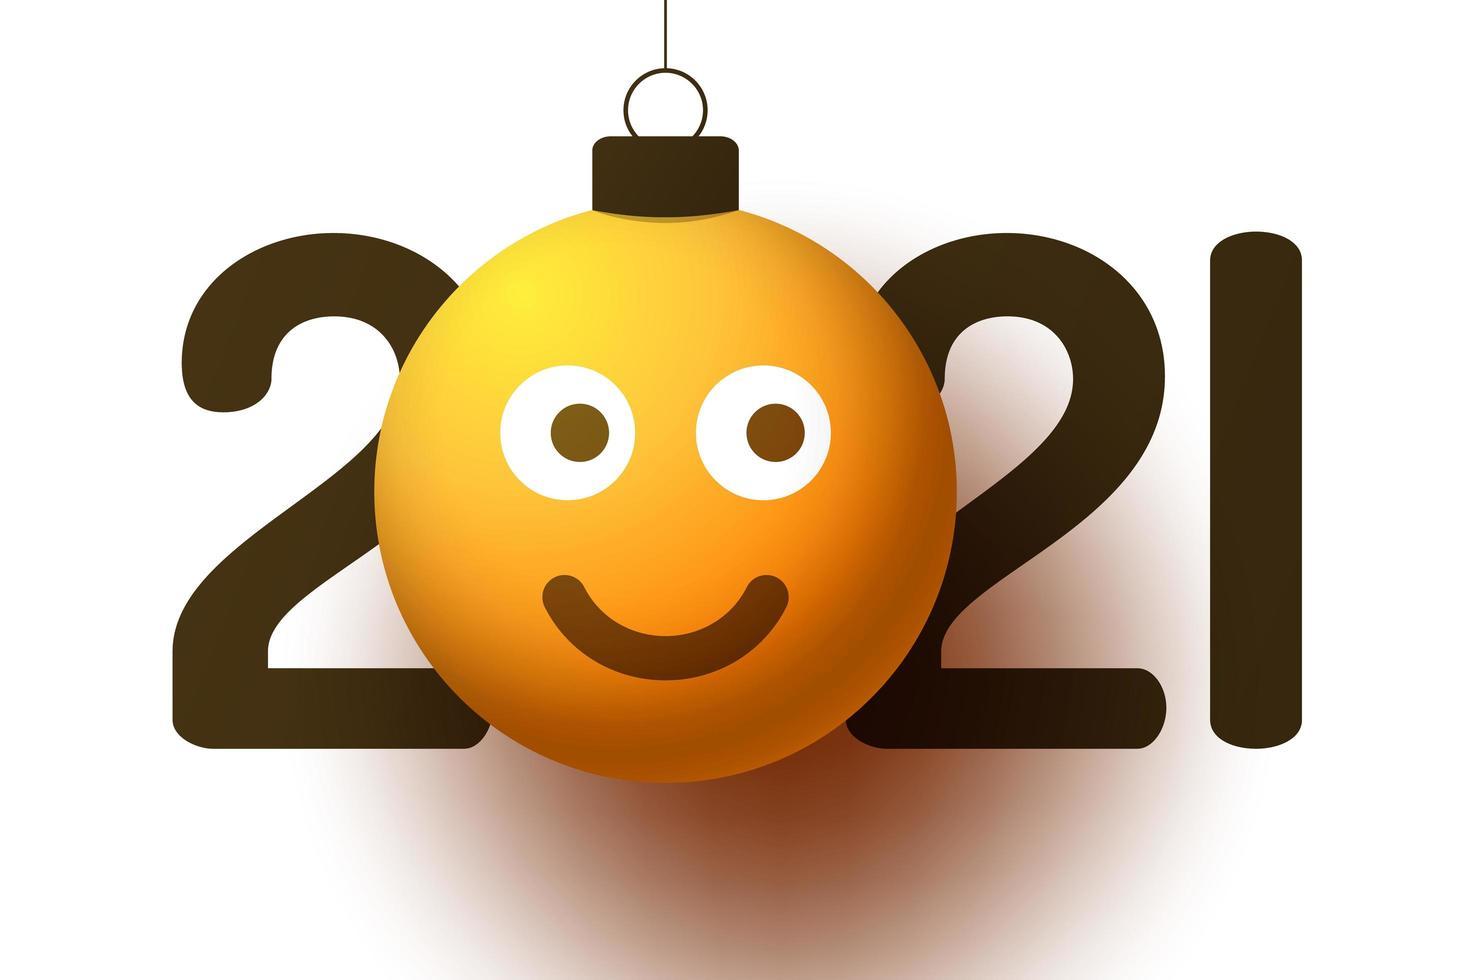 Voeux de nouvel an 2021 avec ornement de visage souriant emoji vecteur